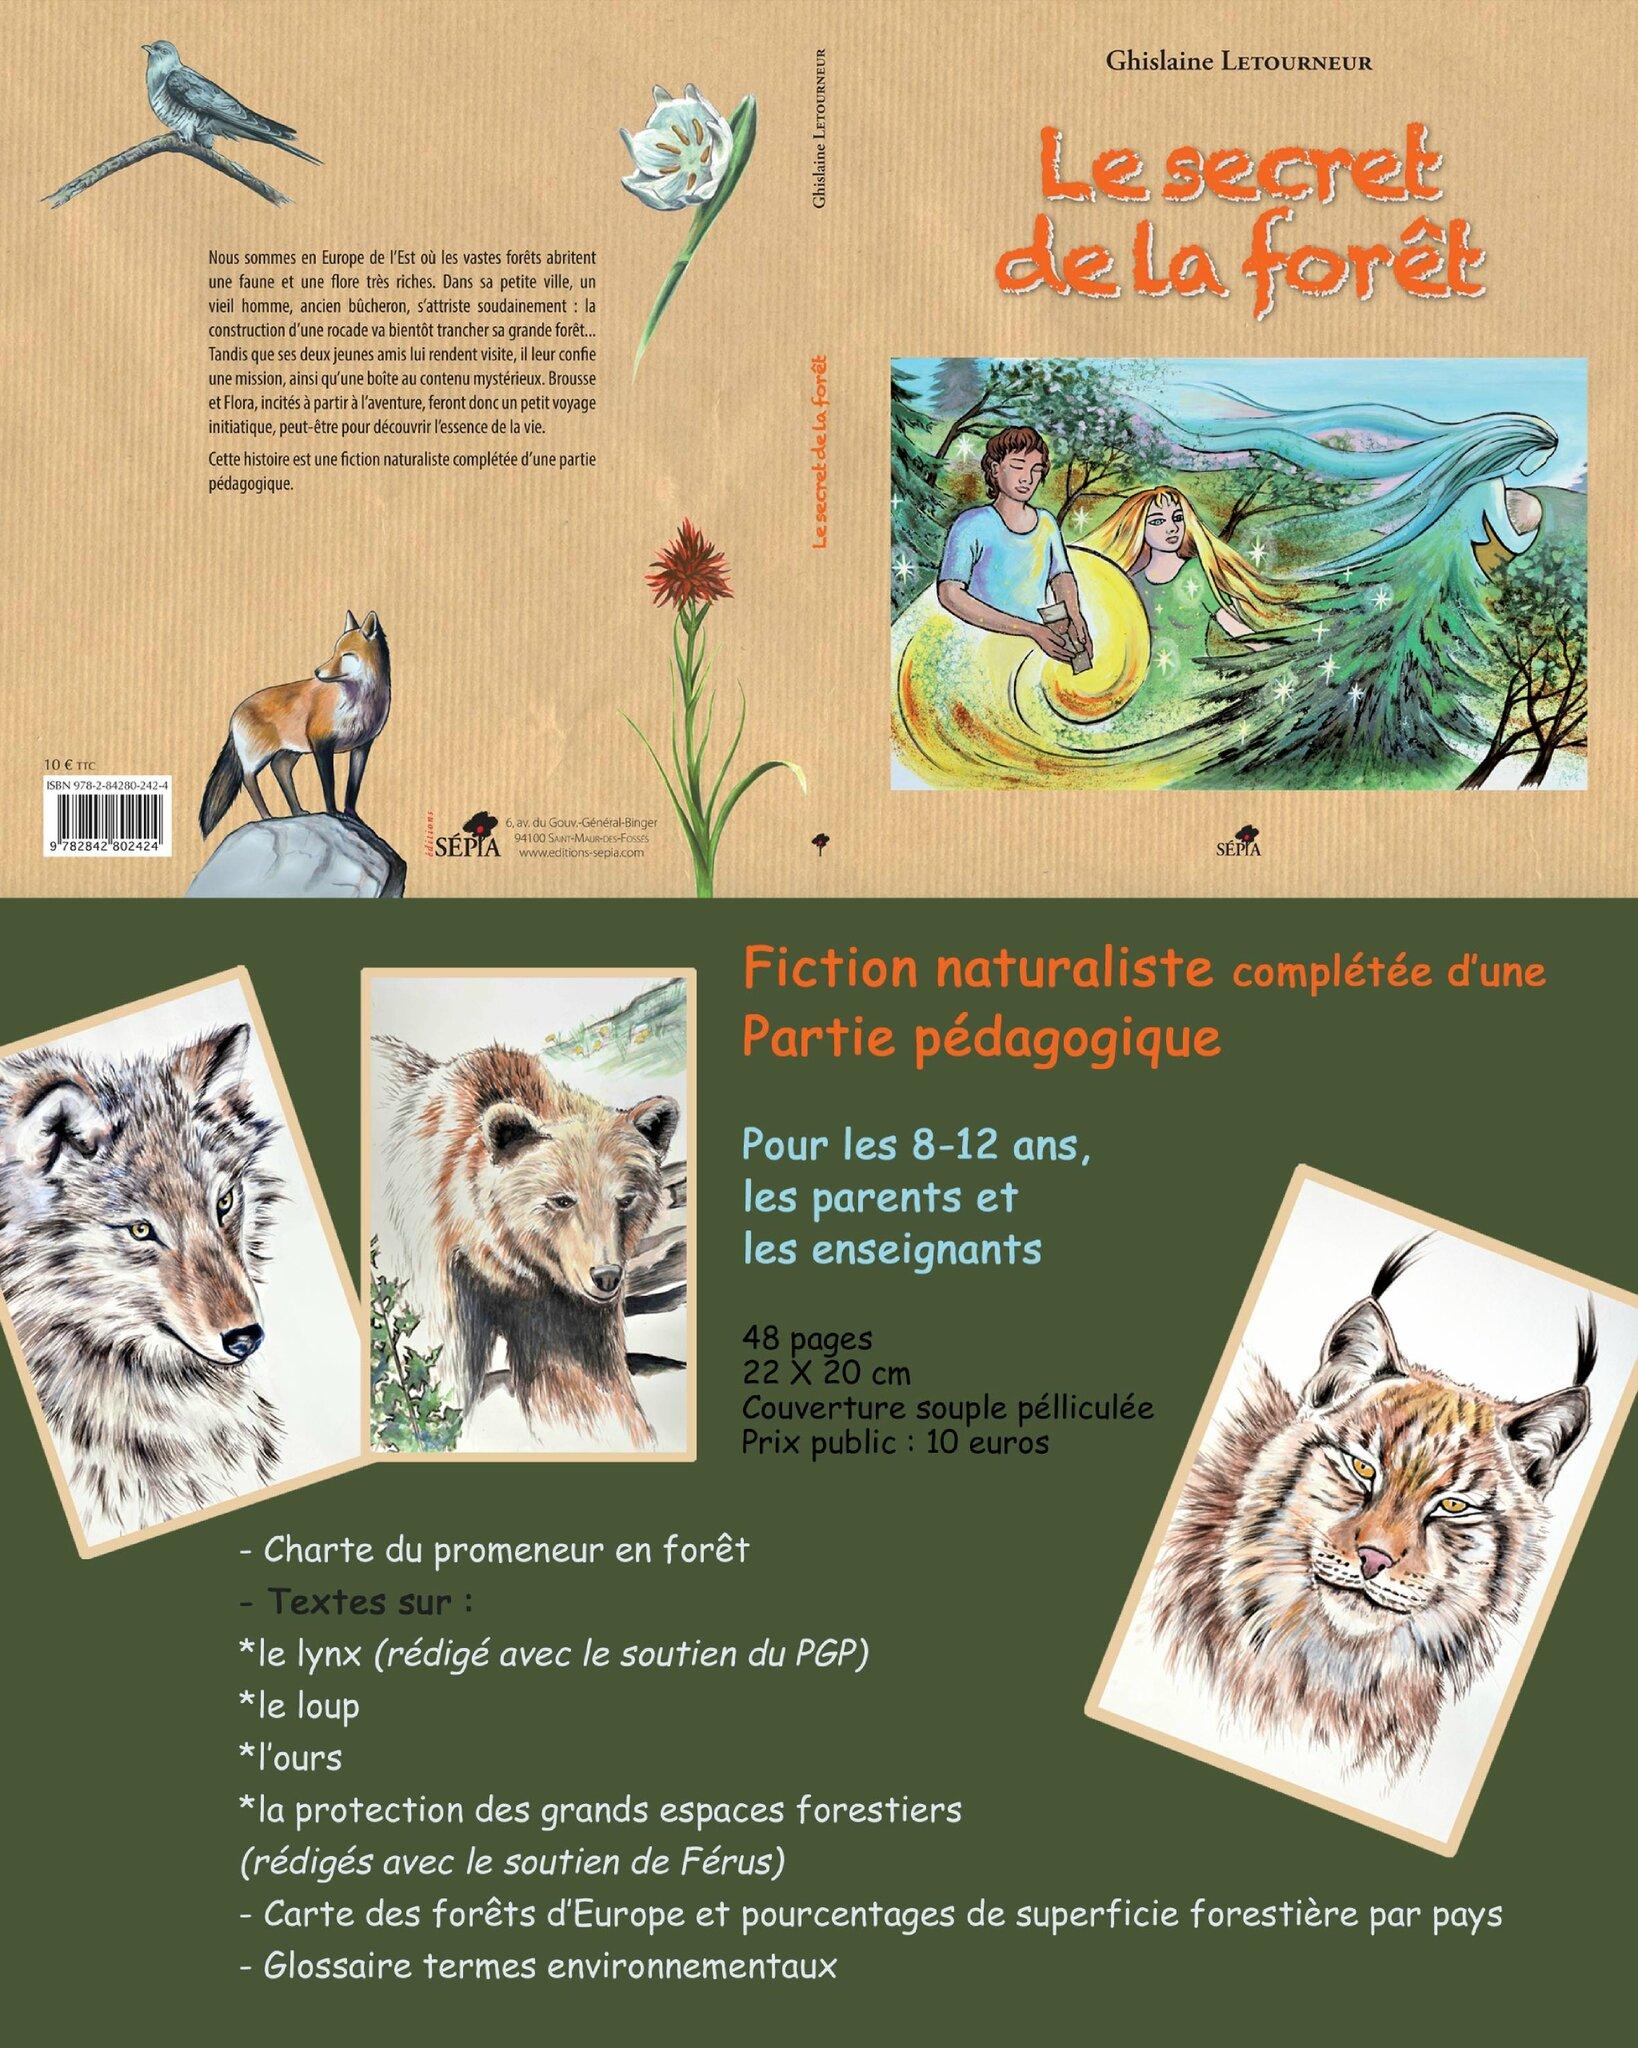 Publication De Mon 3eme Livre Le Secret De La Foret Editions Sepia Crea Gl Ghislaine Letourneur Artiste Peintre Auteure Ecologie En Creations